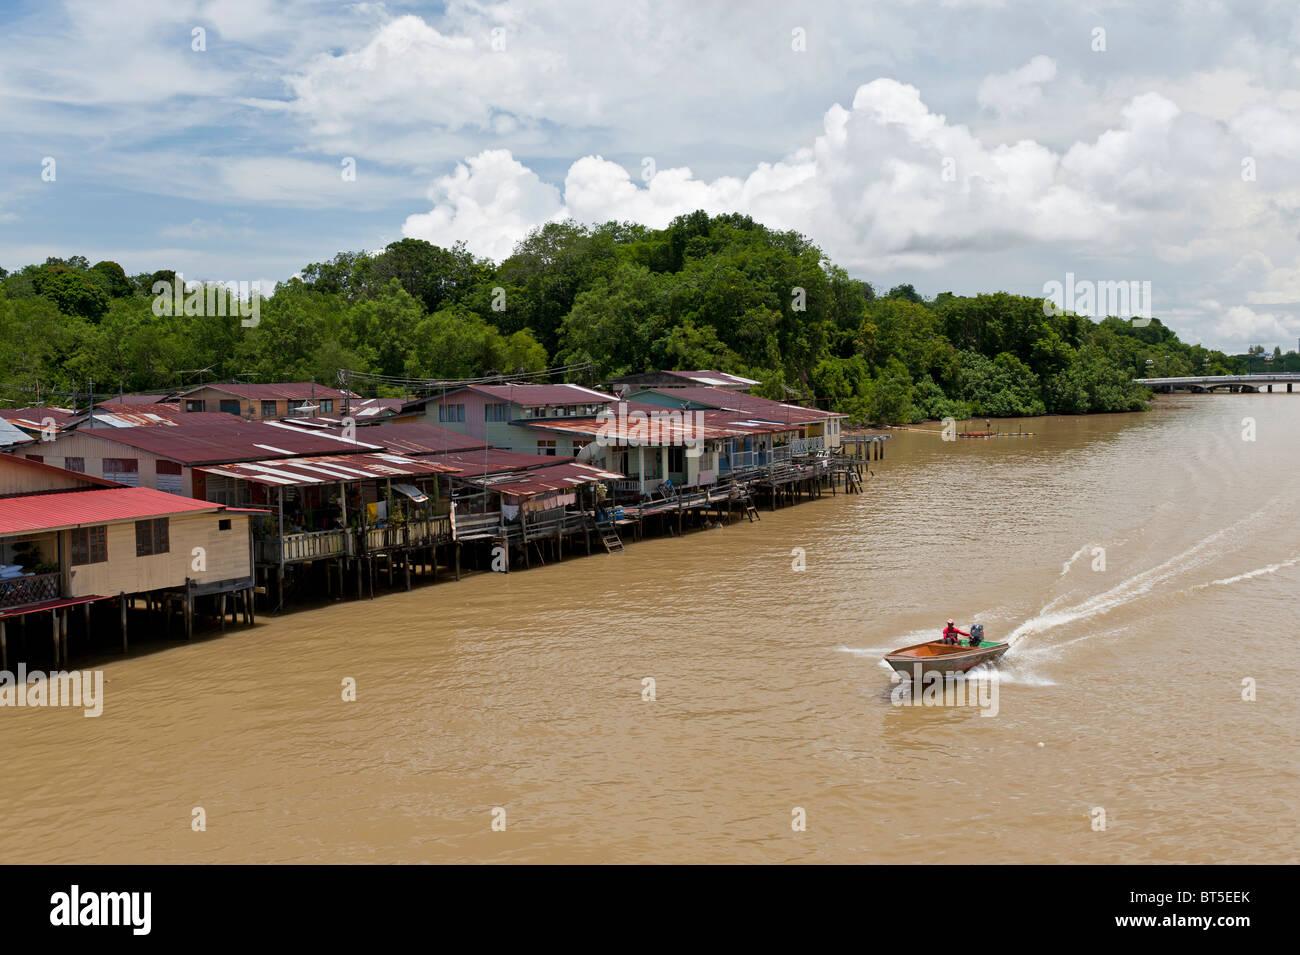 Kampong Ayer Water Village in Bandar Seri Begawan, Brunei - Stock Image